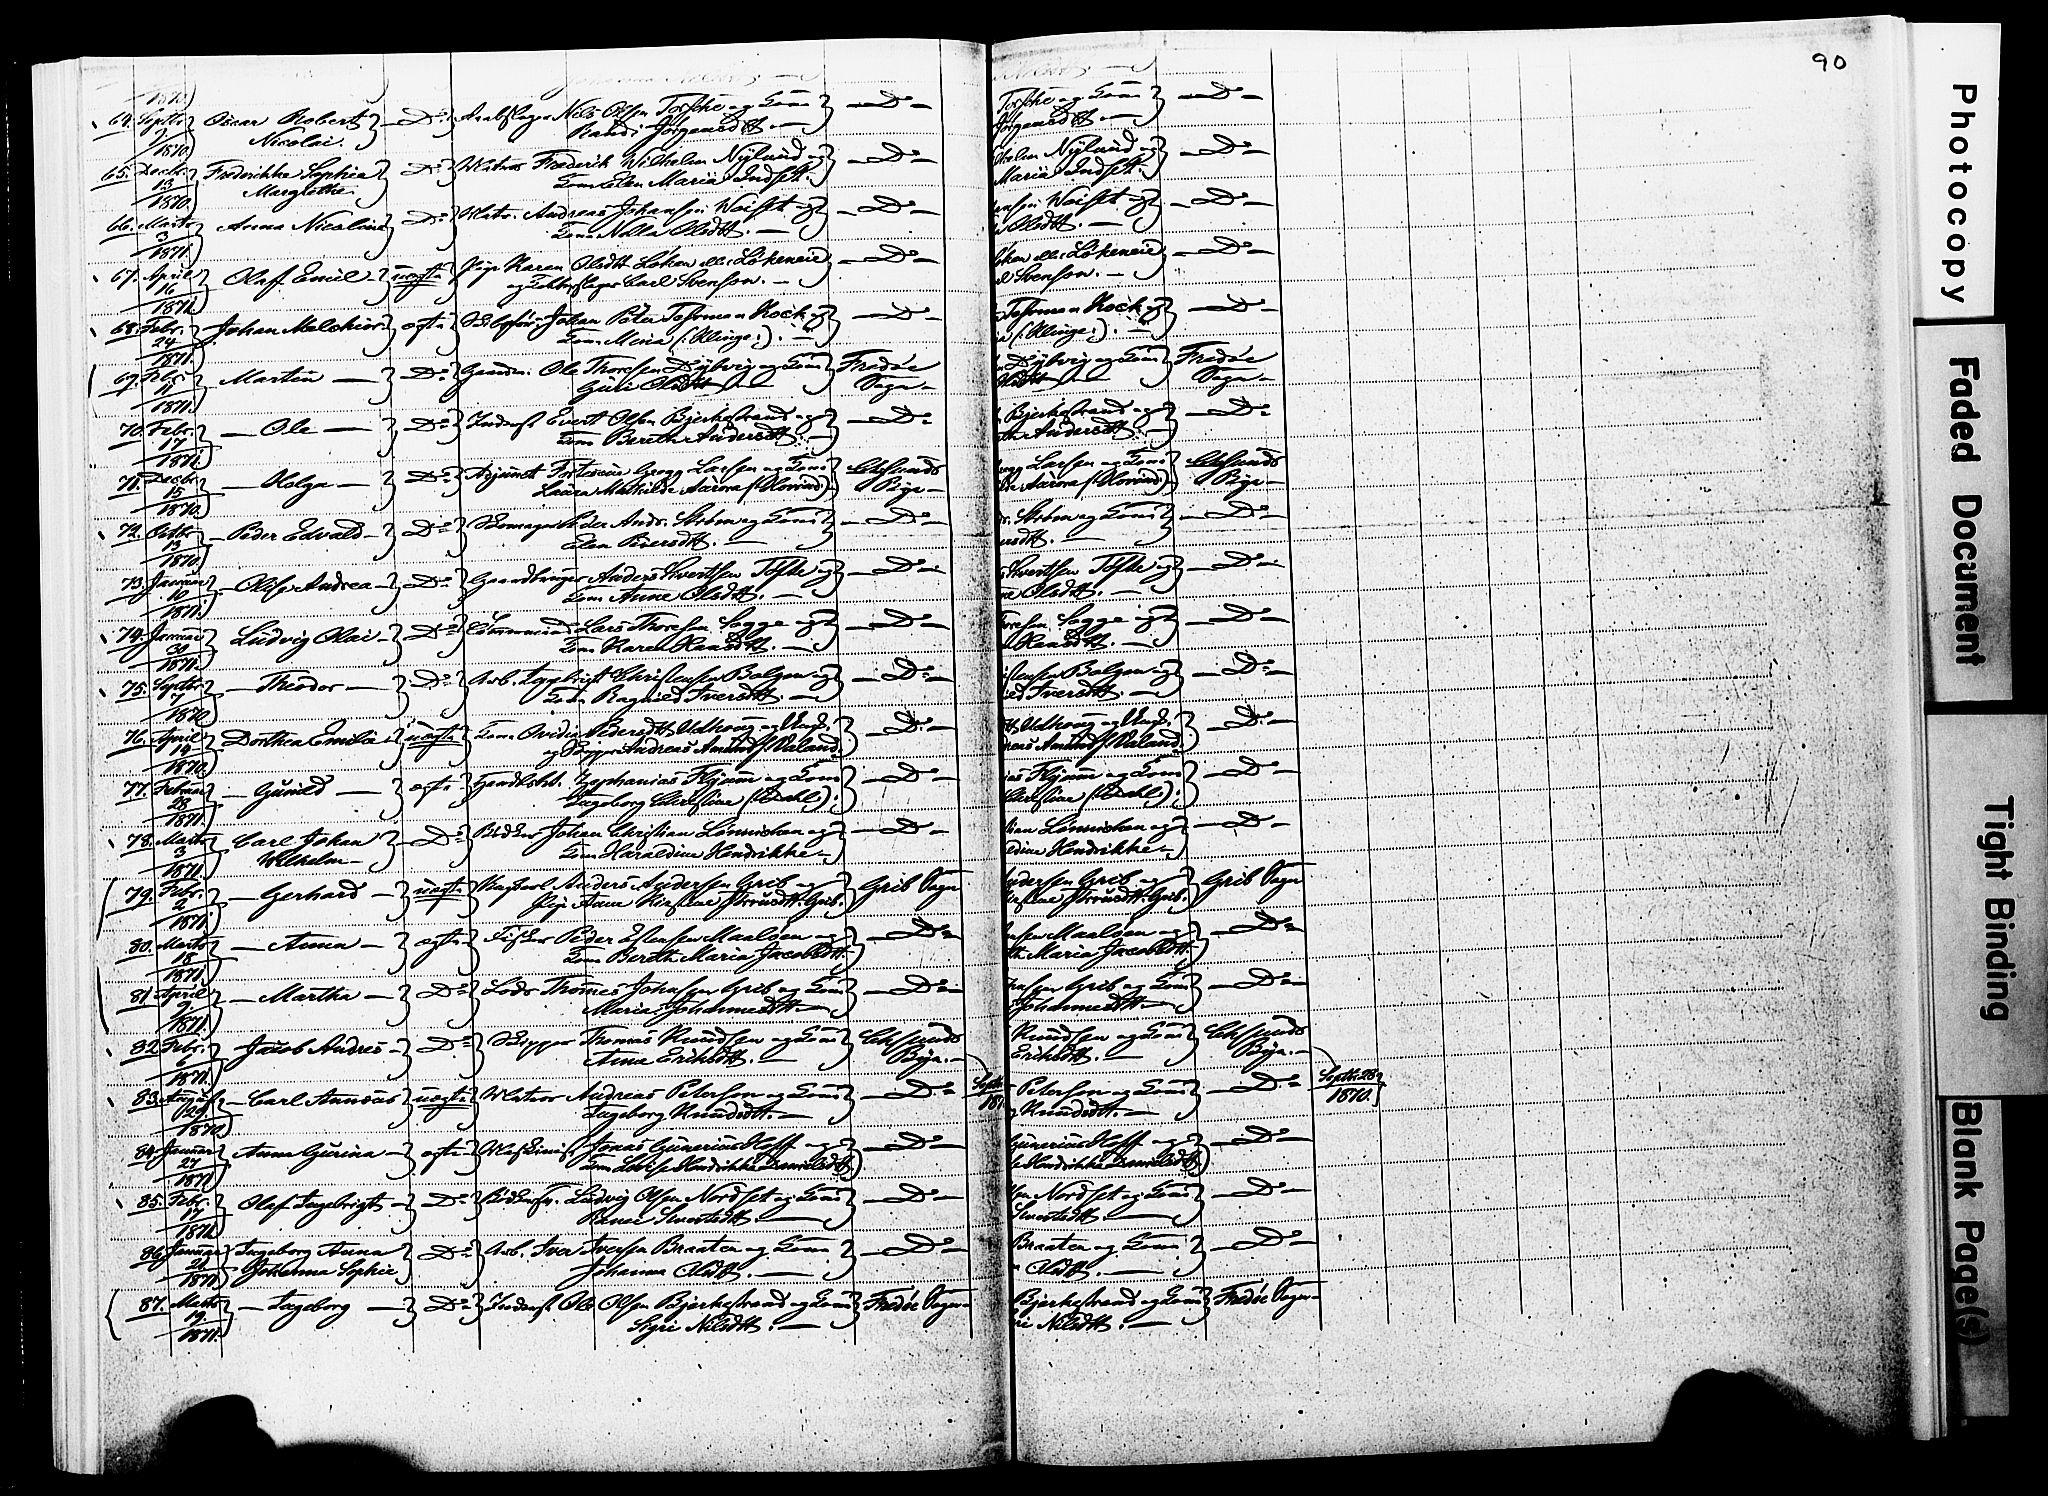 SAT, Ministerialprotokoller, klokkerbøker og fødselsregistre - Møre og Romsdal, 572/L0857: Ministerialbok nr. 572D01, 1866-1872, s. 89-90